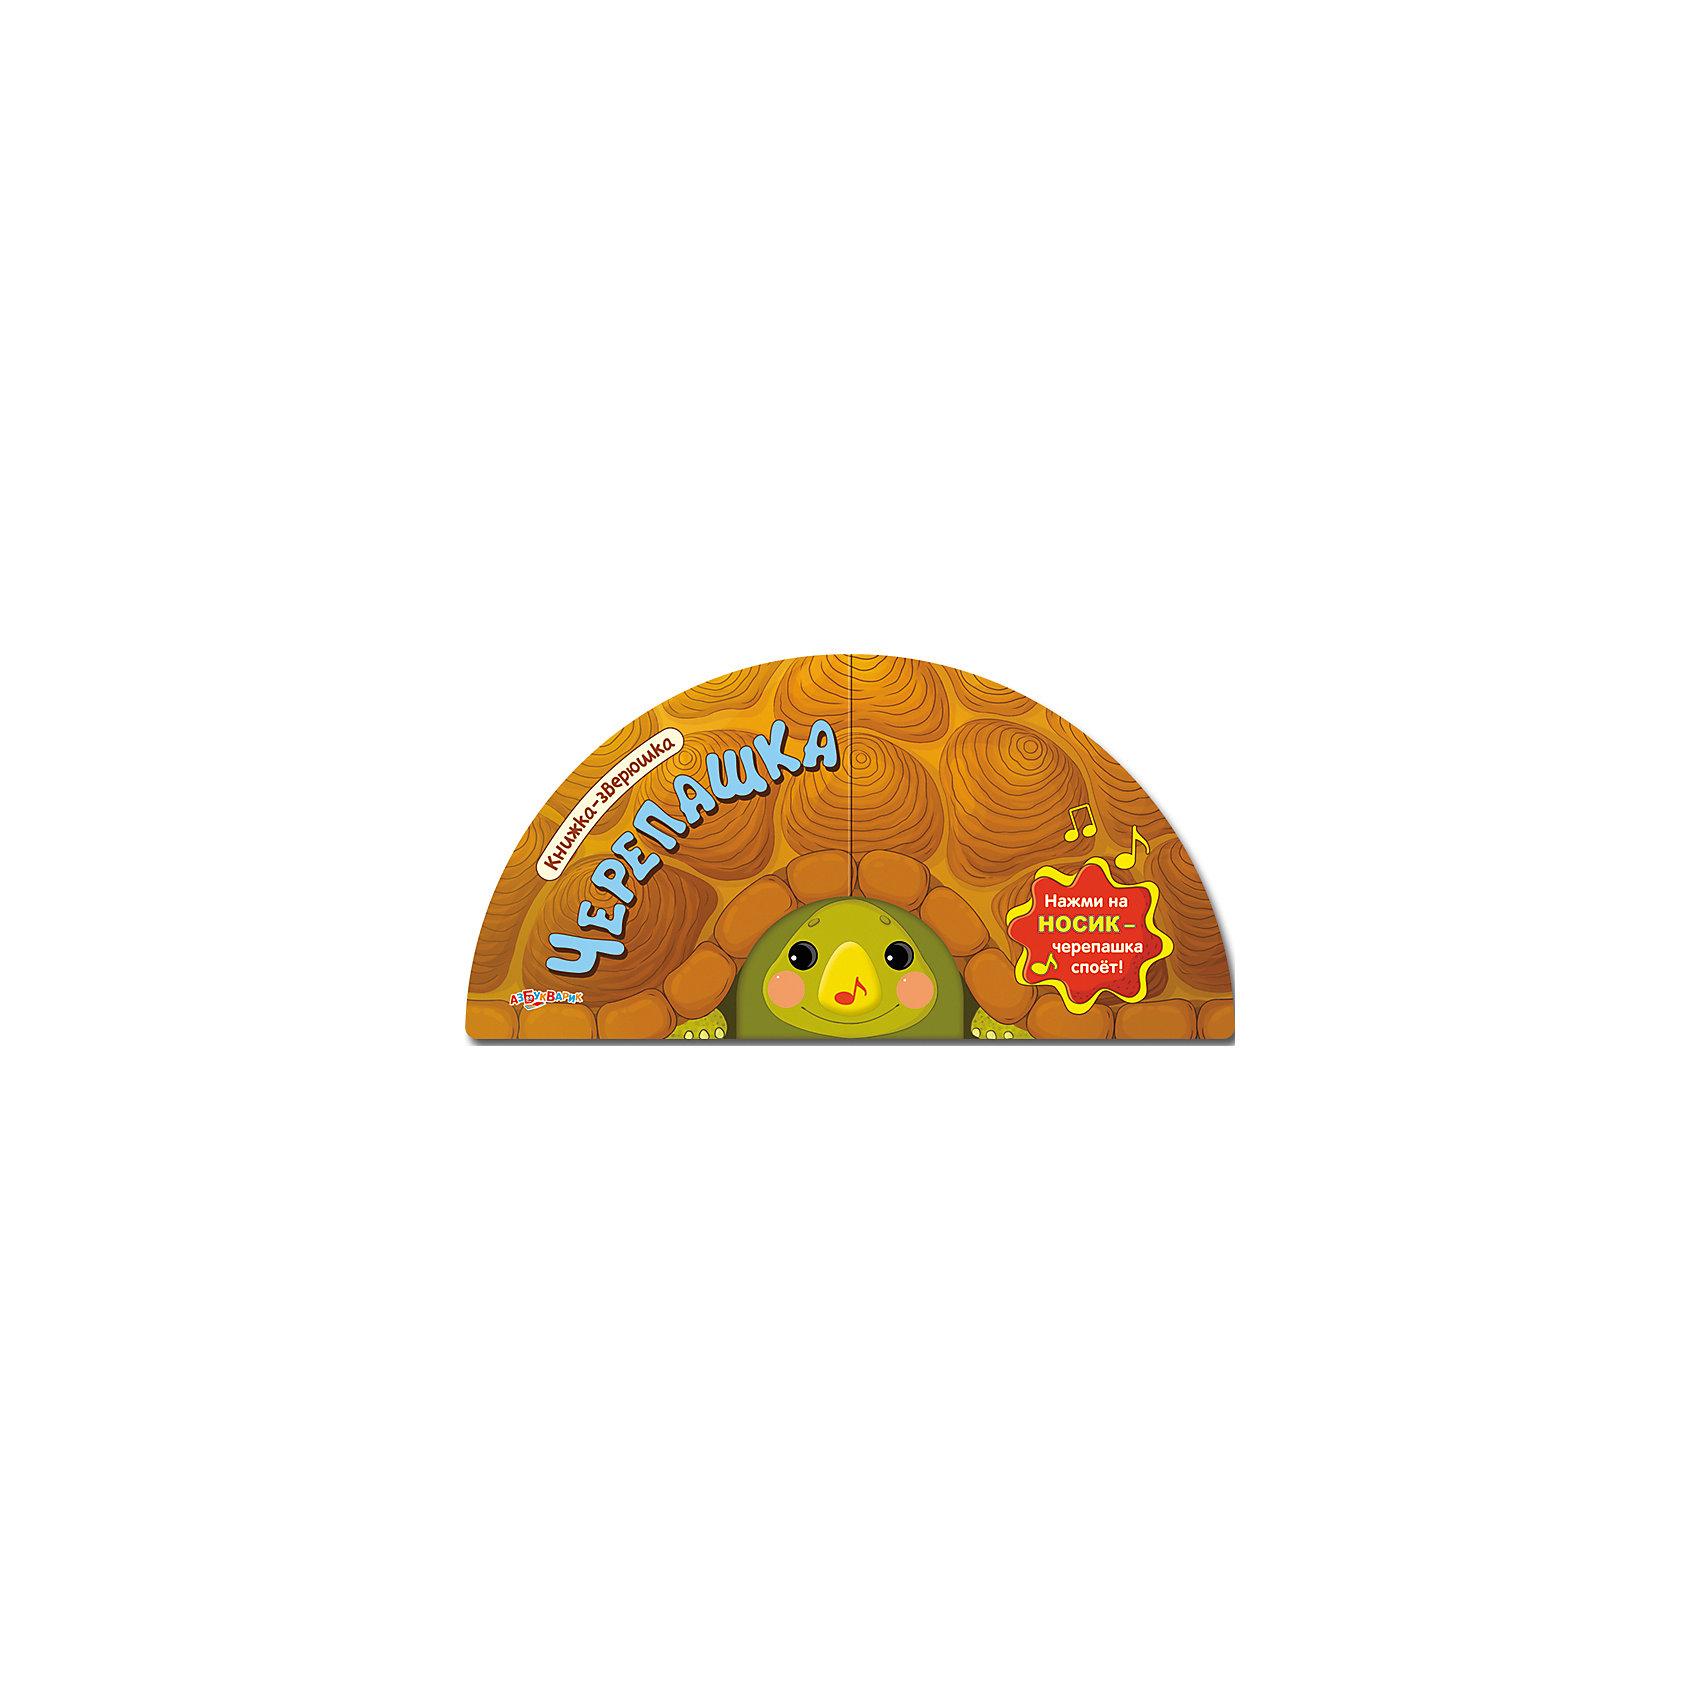 Книжка-зверюшка ЧерепашкаМузыкальные книги<br>Книжка-зверюшка Черепашка – это красочно иллюстрированная картонная книжка, которая приглашает вашего малыша в зоопарк.<br>Книжка-зверюшка Черепашка - это забавная книжка в виде полукруга познакомит малышей с обитателями зоопарка – львом, слоном, жирафом и многими другими, а если малыш нажмет на носик черепашки, то она споет веселую песенку о себе и своих друзьях. Книжка оптимального формата, ее удобно листать в обе стороны маленькими детскими ручками!<br><br>Дополнительная информация:<br><br>- Редакторы-составители: Марина Зверева-Шульгина, Ольга Курилина<br>- Художник: Наталья Четкова<br>- Автор песни: Таисия Мазаник<br>- Композитор: Сергей Поплавский<br>- Песню исполняет: Виктория Стриганкова<br>- Издательство: Азбукварик Групп<br>- Серия: Книжка-зверюшка<br>- Тип обложки: картон<br>- Оформление: звуковой модуль<br>- Количество страниц: 12 (картон)<br>- Иллюстрации: цветные<br>- Батарейки: 3 типа AG10 (в комплекте демонстрационные)<br>- Размер: 240х15х120 мм.<br>- Вес: 190 гр.<br><br>Книжку-зверюшку Черепашка можно купить в нашем интернет-магазине.<br><br>Ширина мм: 240<br>Глубина мм: 15<br>Высота мм: 120<br>Вес г: 190<br>Возраст от месяцев: 12<br>Возраст до месяцев: 36<br>Пол: Унисекс<br>Возраст: Детский<br>SKU: 4663787